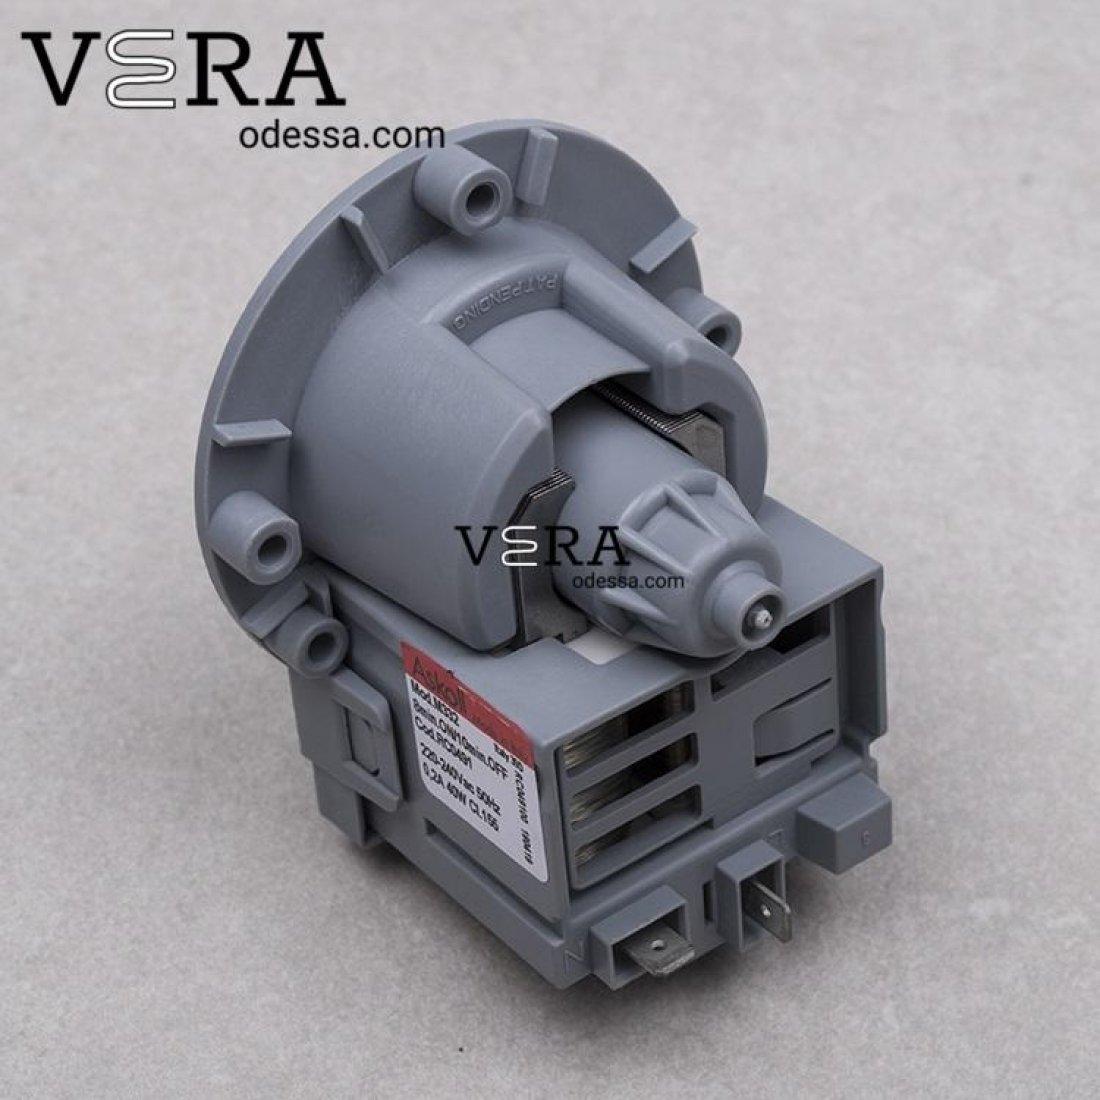 Купити насос - помпа для пральних машин 3 самореза Mod. M332 оптом, фотографія 2